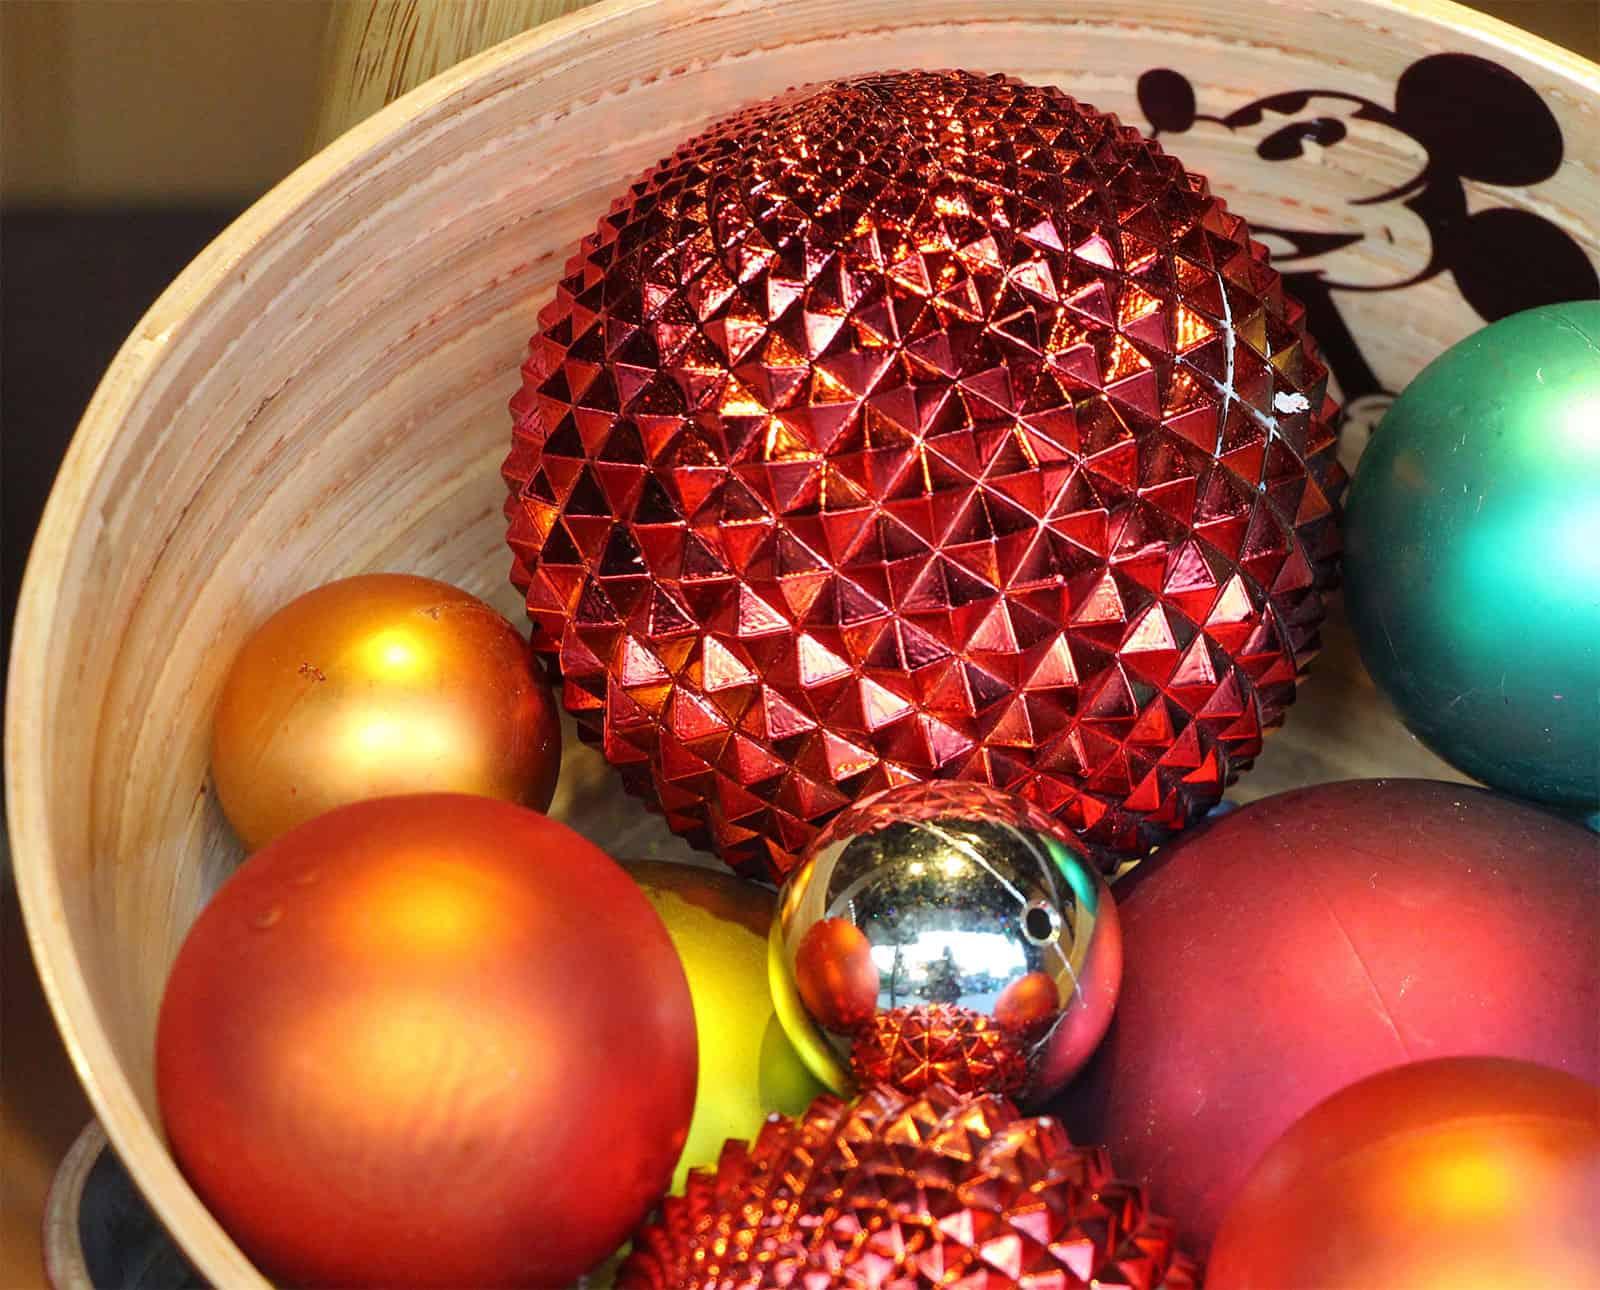 Ausgefallene muster und motive bei weihnachtskugeln - Weihnachtskugeln cappuccino ...